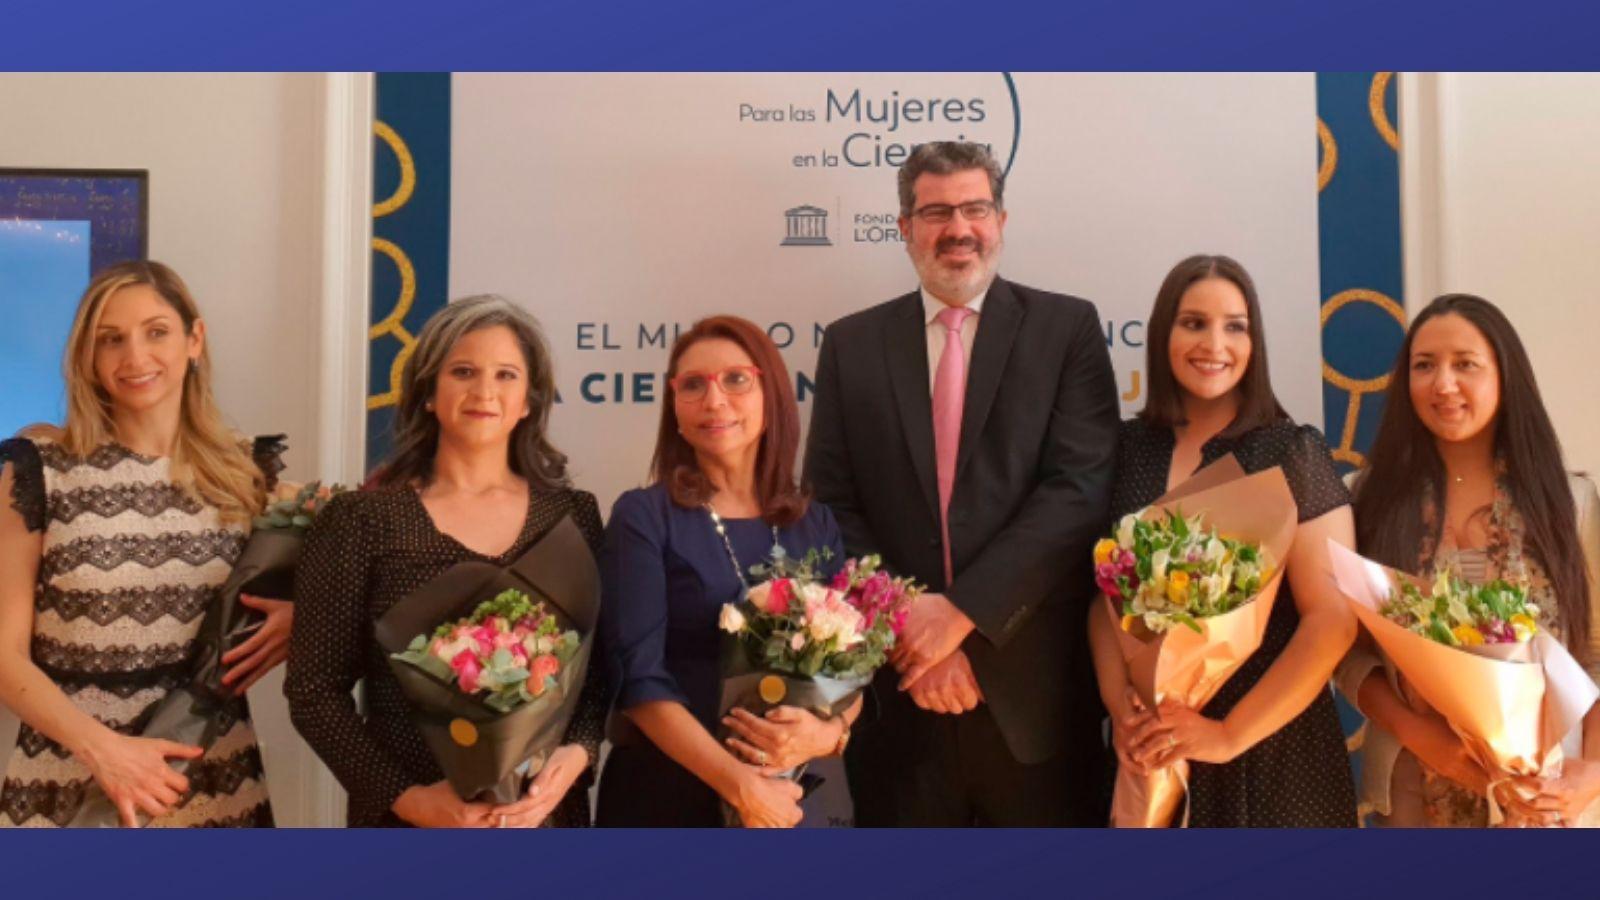 CIENTÍFICAS MEXICANAS RECIBEN PREMIO DE LA UNESCO, AMC Y L'OREAL